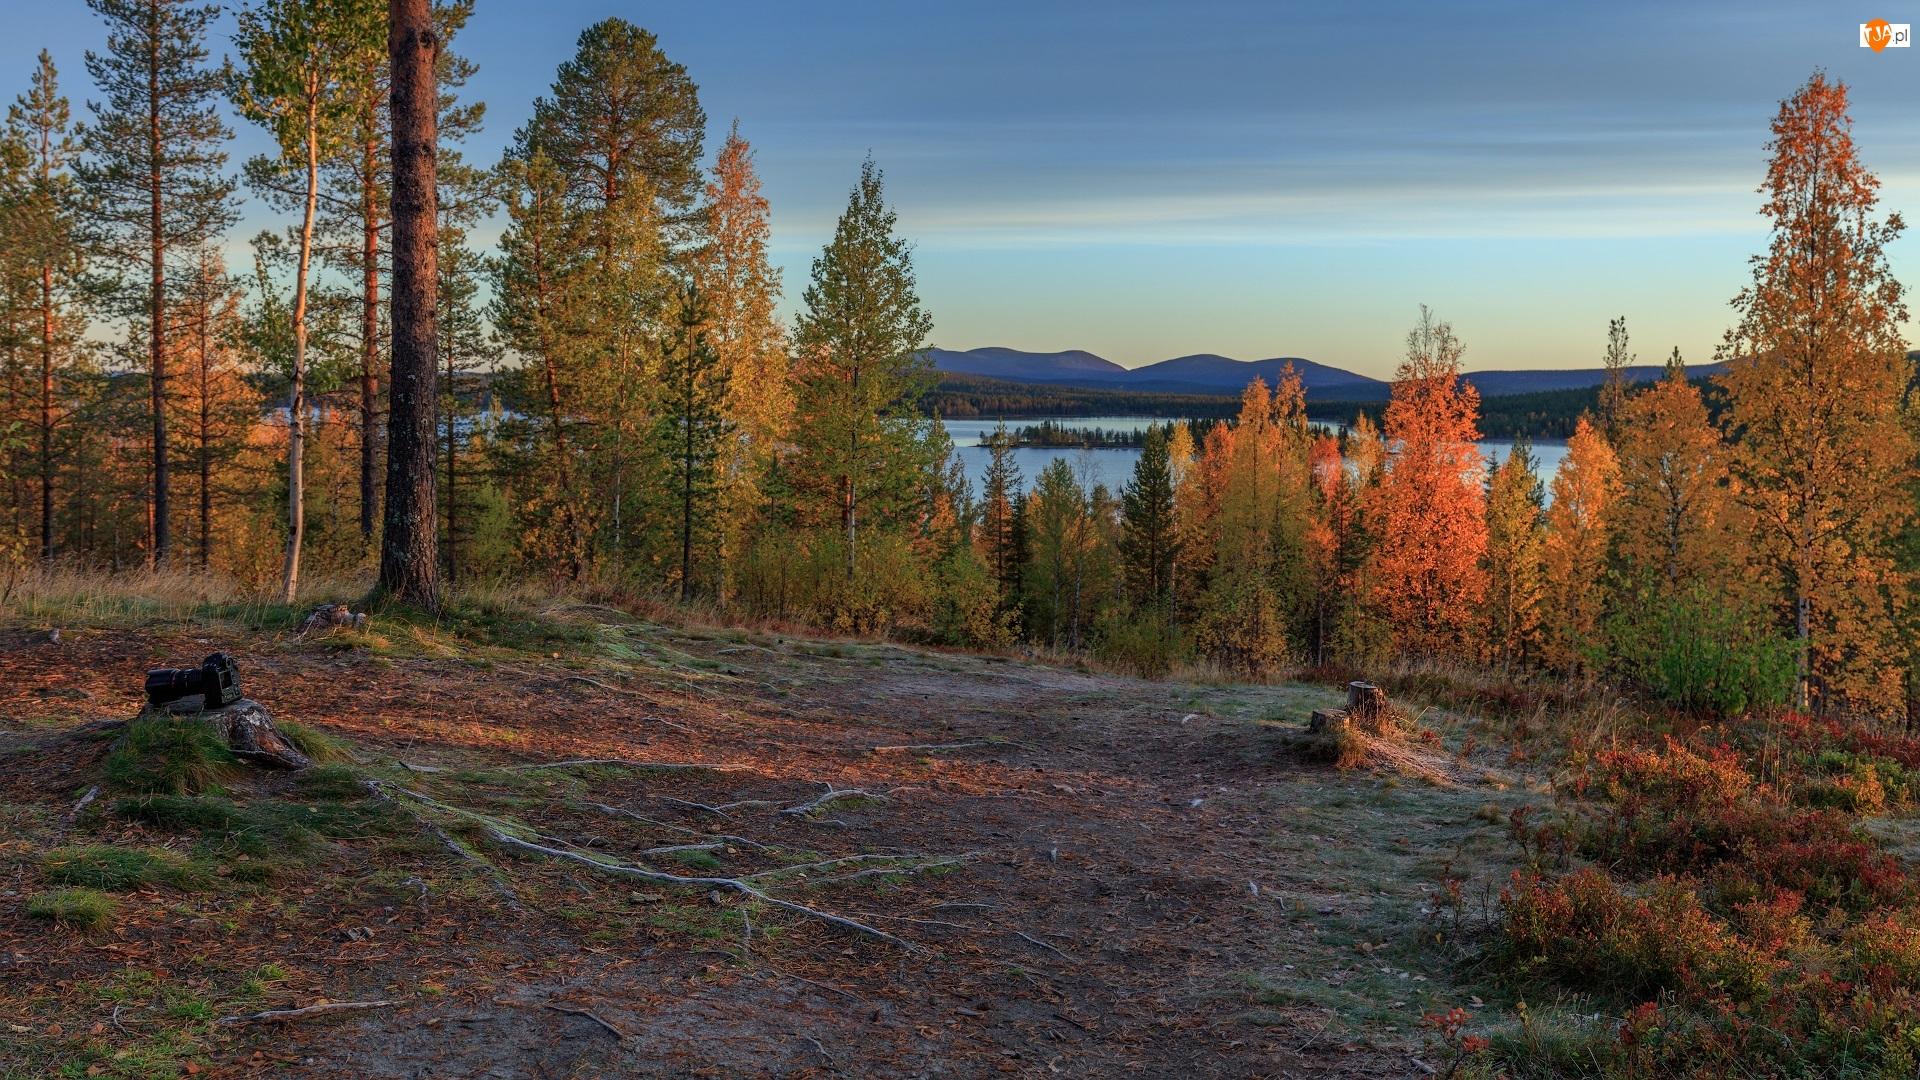 Drzewa, Aparat fotograficzny, Jezioro, Jesień, Pień